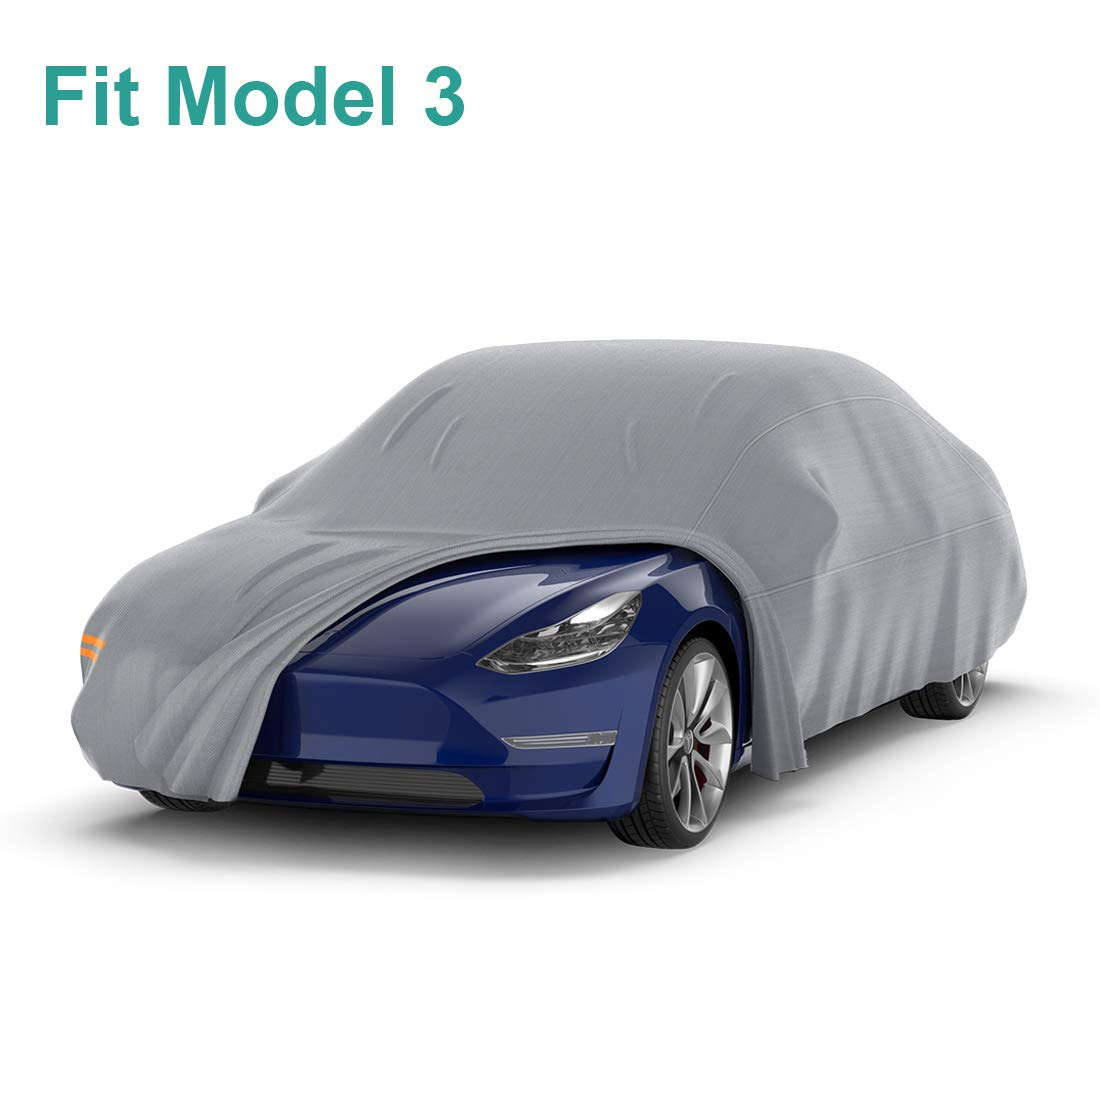 Hebilla Ajustable y Tiras Reflectantes BougeRV Cubierta de Coche Tesla Modelo 3 Impermeable a Prueba de Viento para Todas Las Cubiertas de Coche a Prueba de Intemperie Protecci/ón UV con Correas